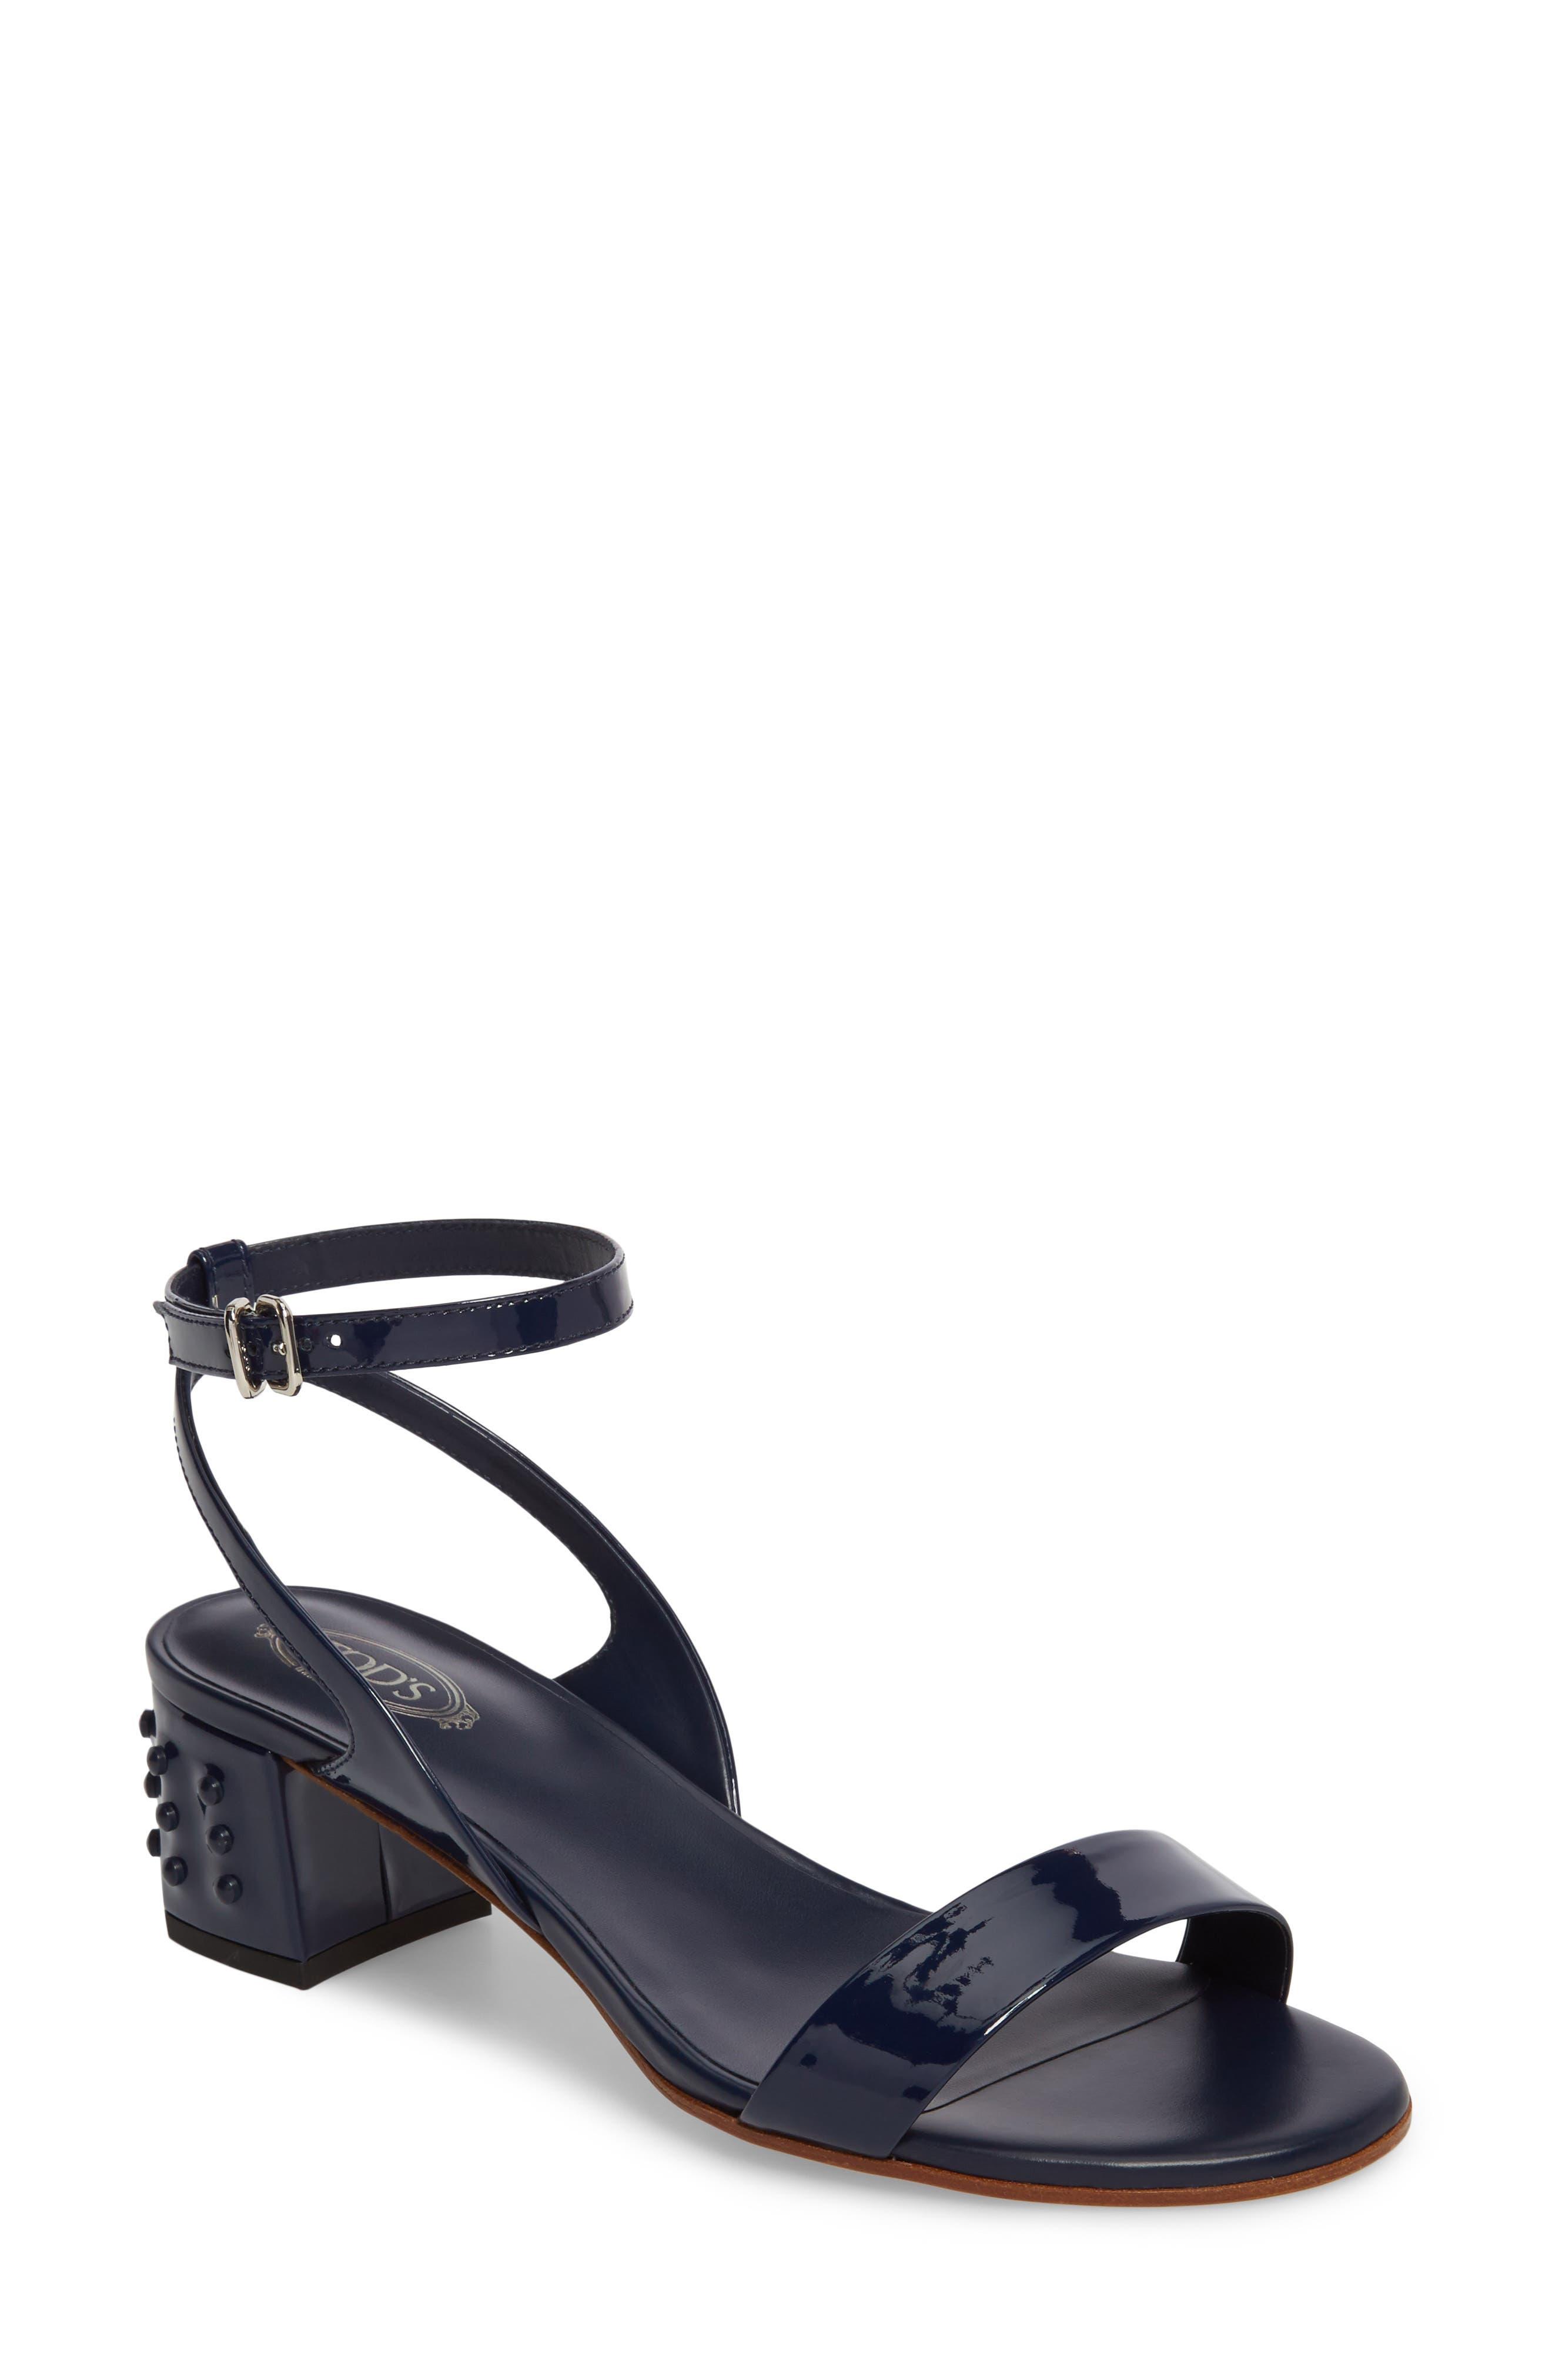 Gommini Block Heel Sandal,                         Main,                         color, Navy